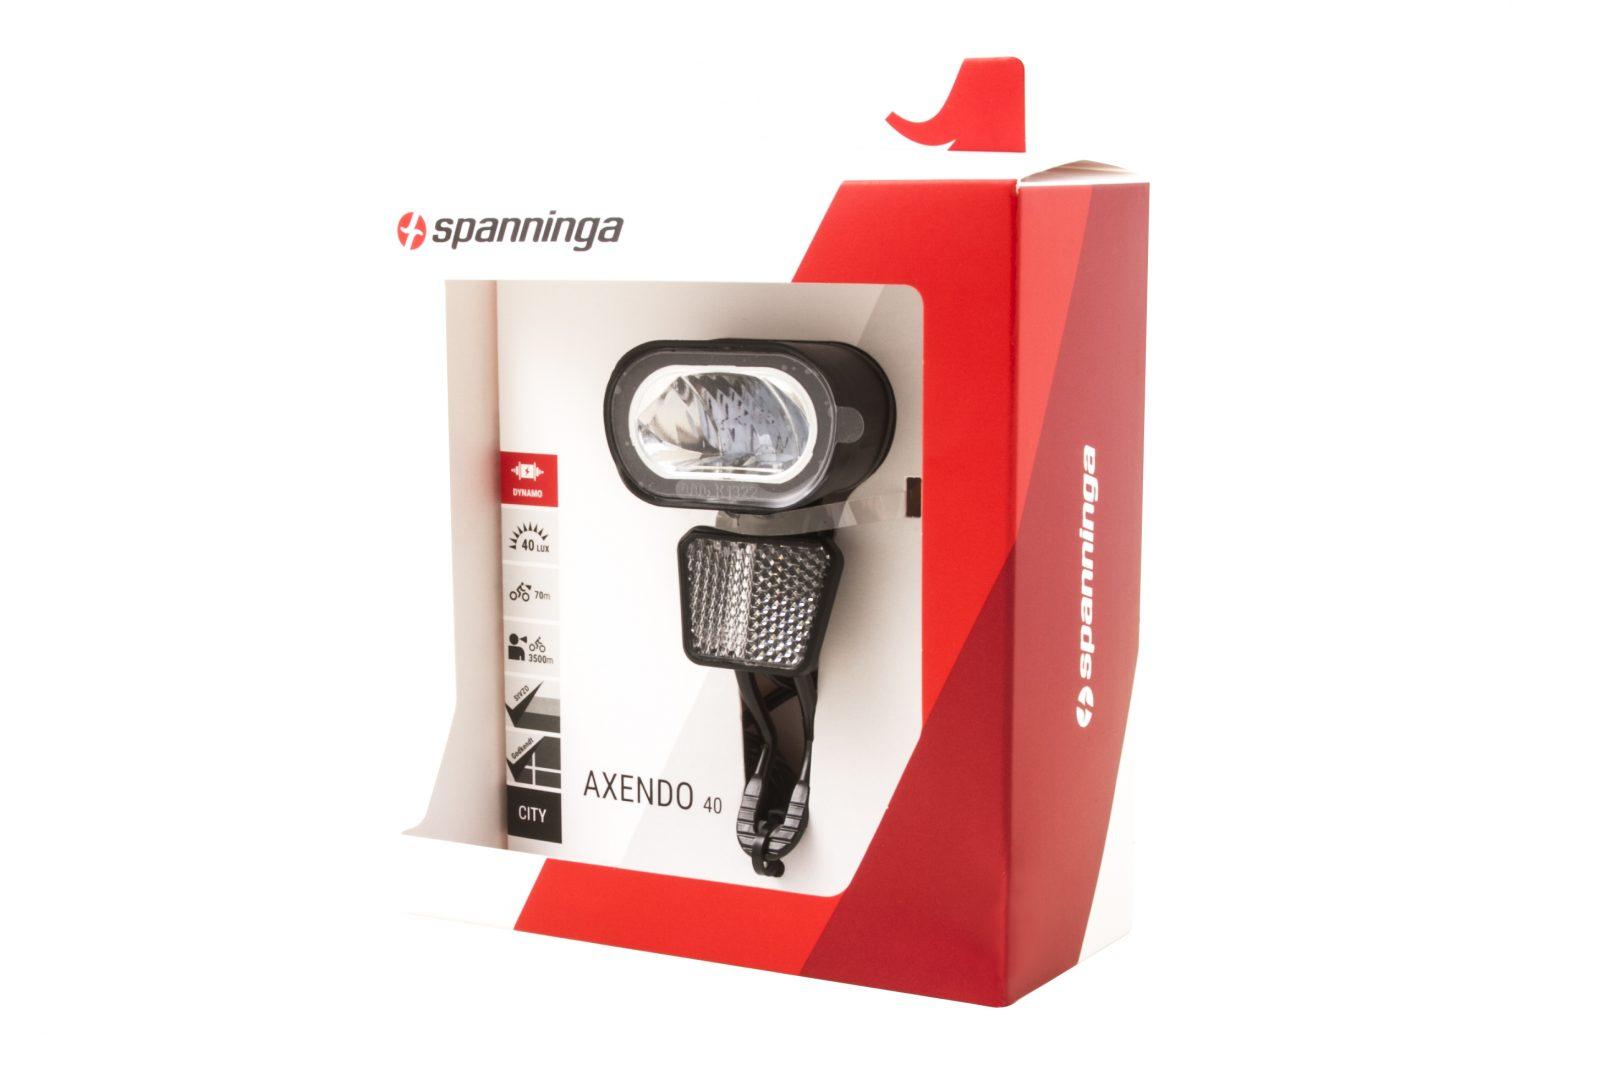 """40 Lux SPANNINGA Fahrrad LED-Scheinwerfer /""""Axendo XDAS/"""" mit Standlicht"""